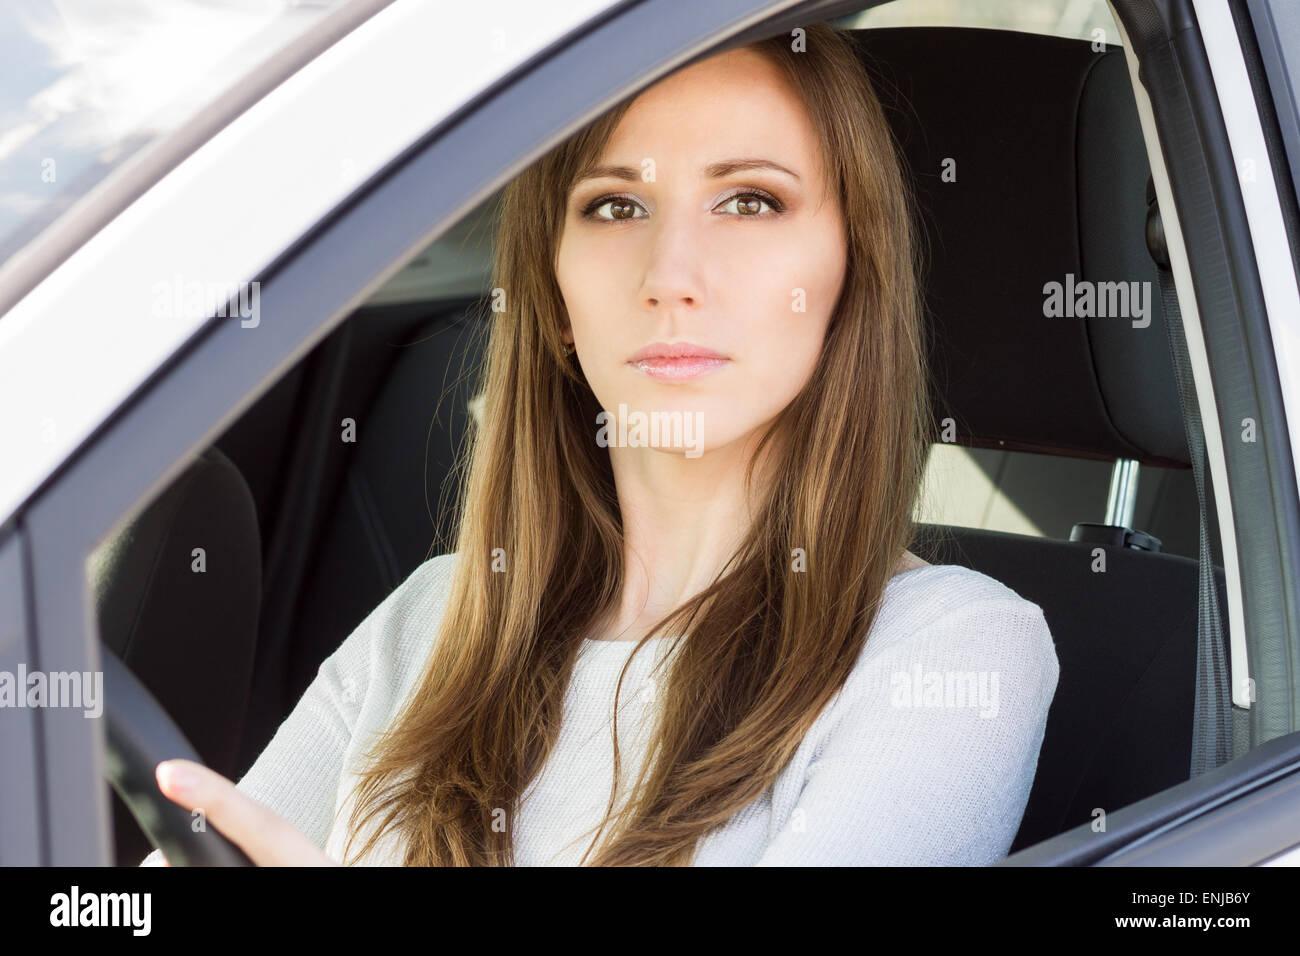 Joven Mujer seria en coche. Belleza niña adulta caucásica conducir un automóvil Imagen De Stock